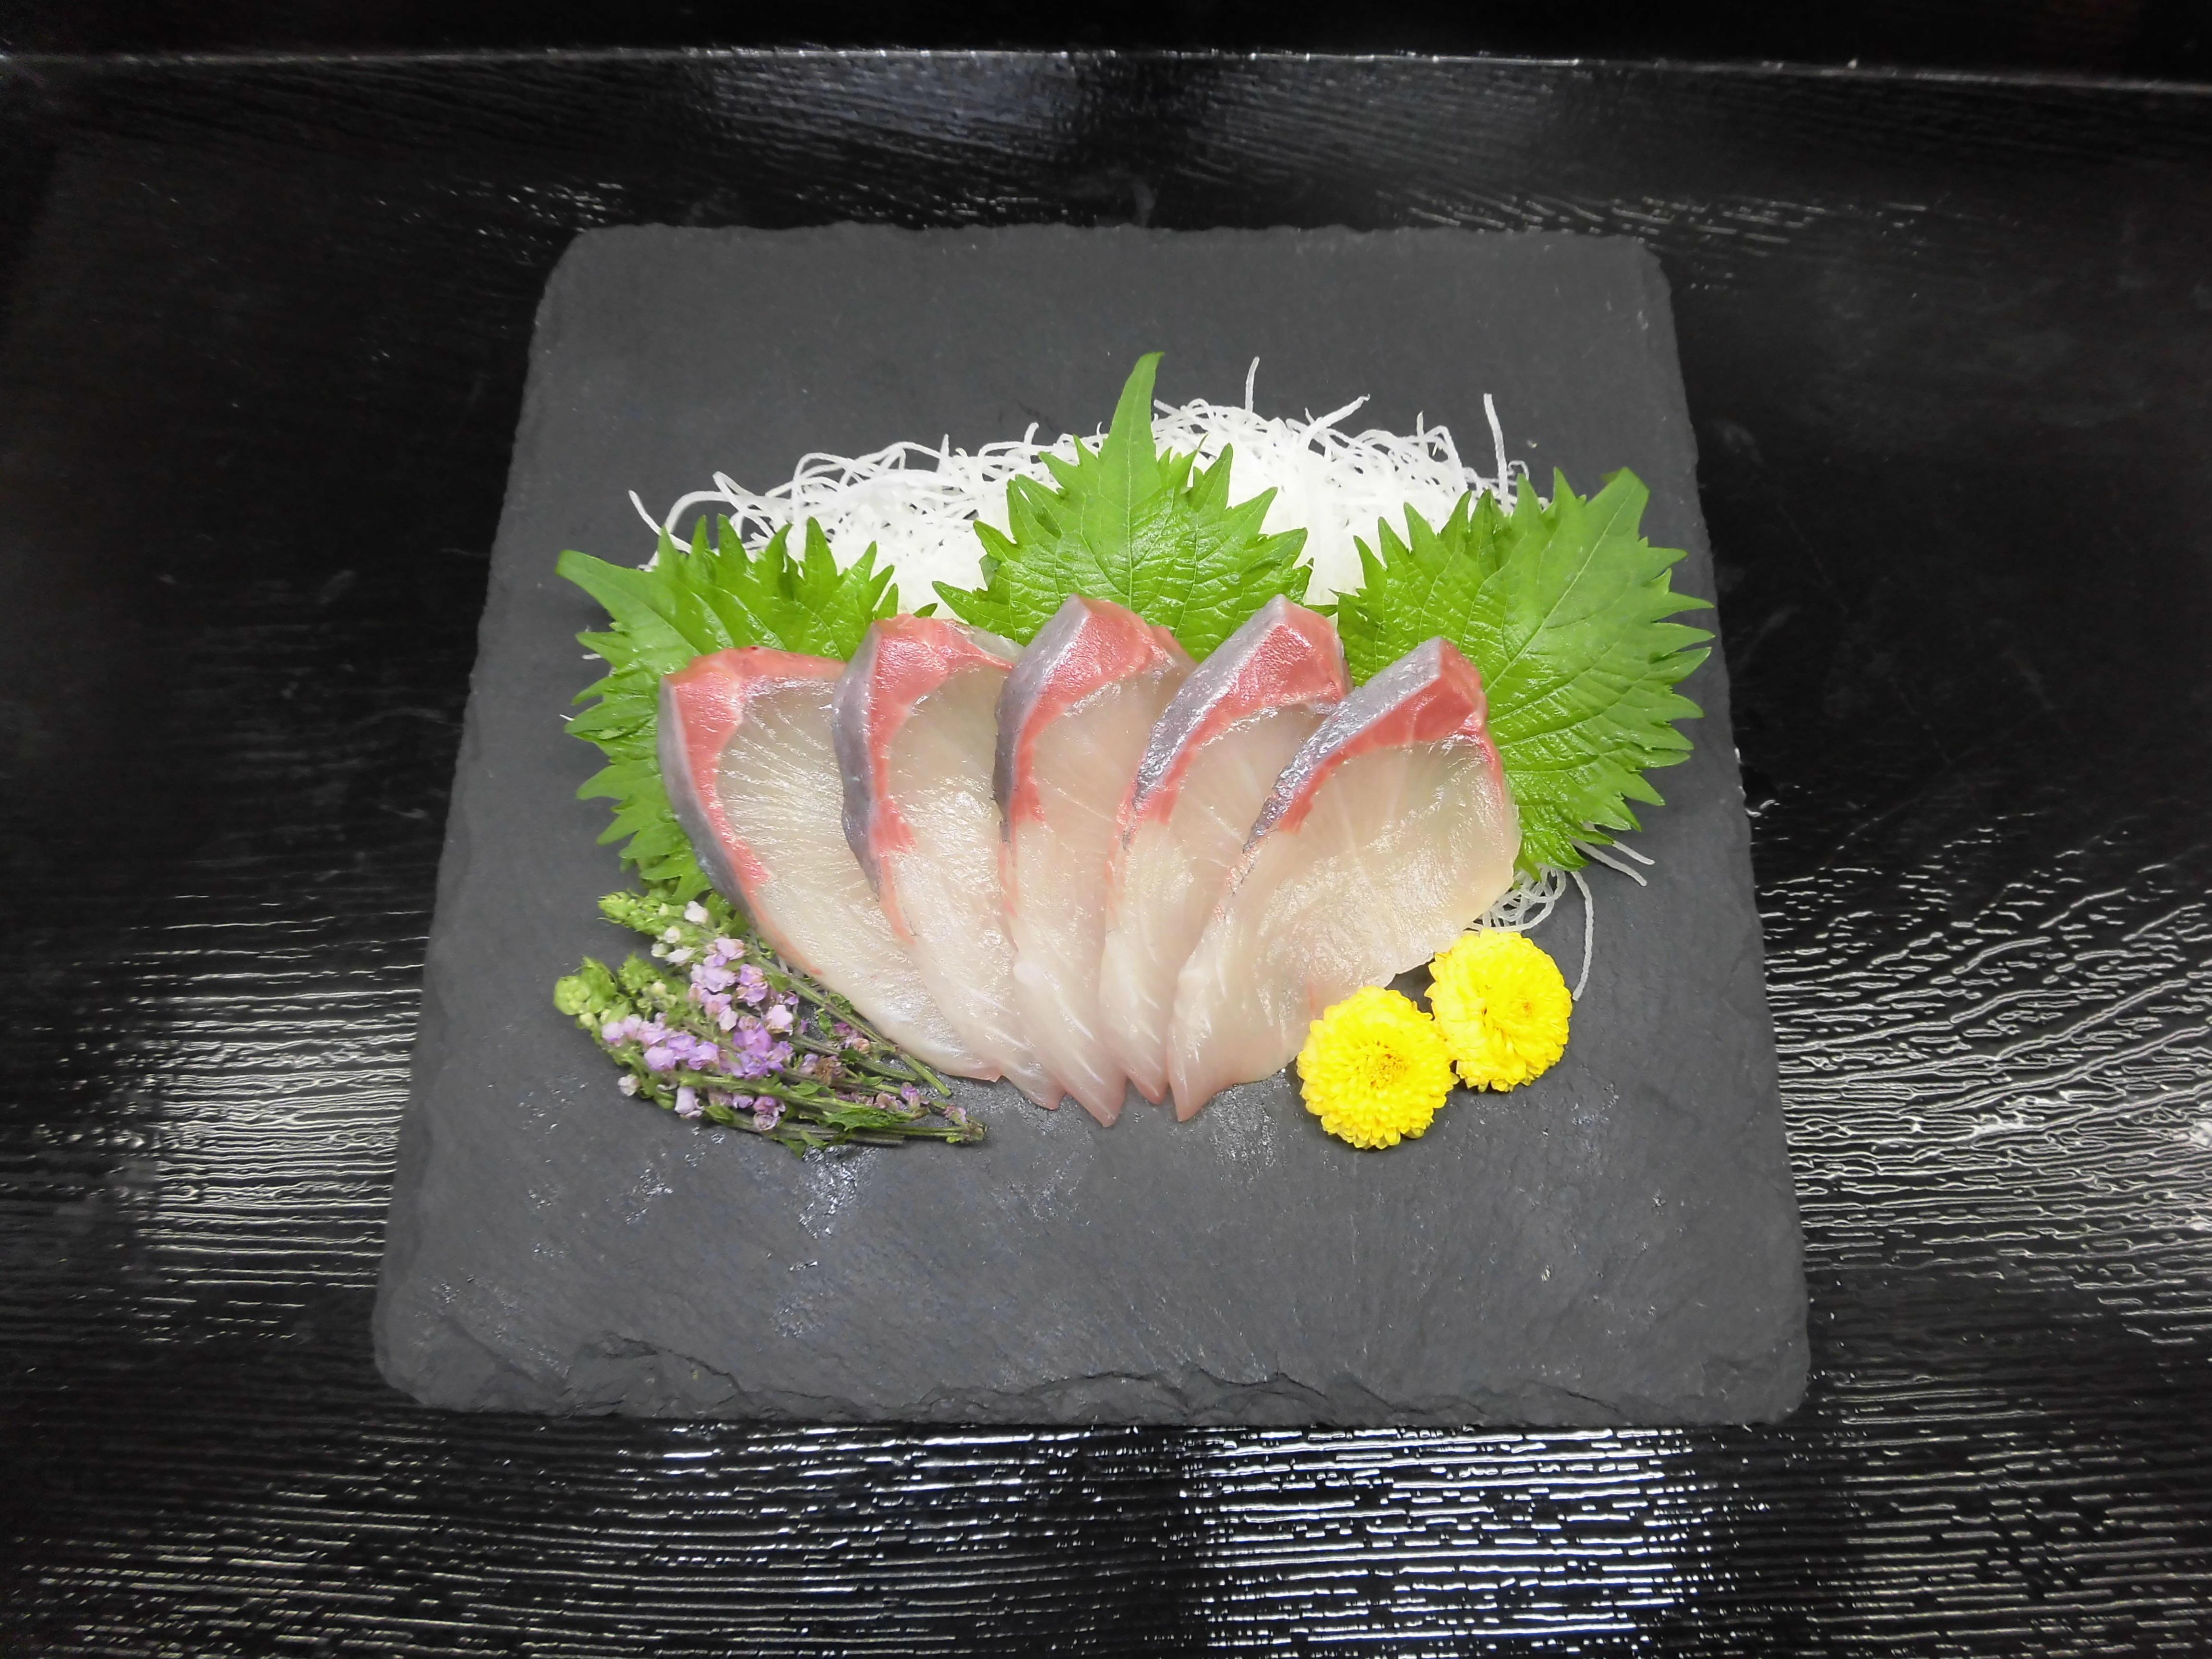 近畿大学が開発した交雑魚「ブリヒラ」を限定発売_スーパー「ベイシア」全店舗で7月1日(月)から